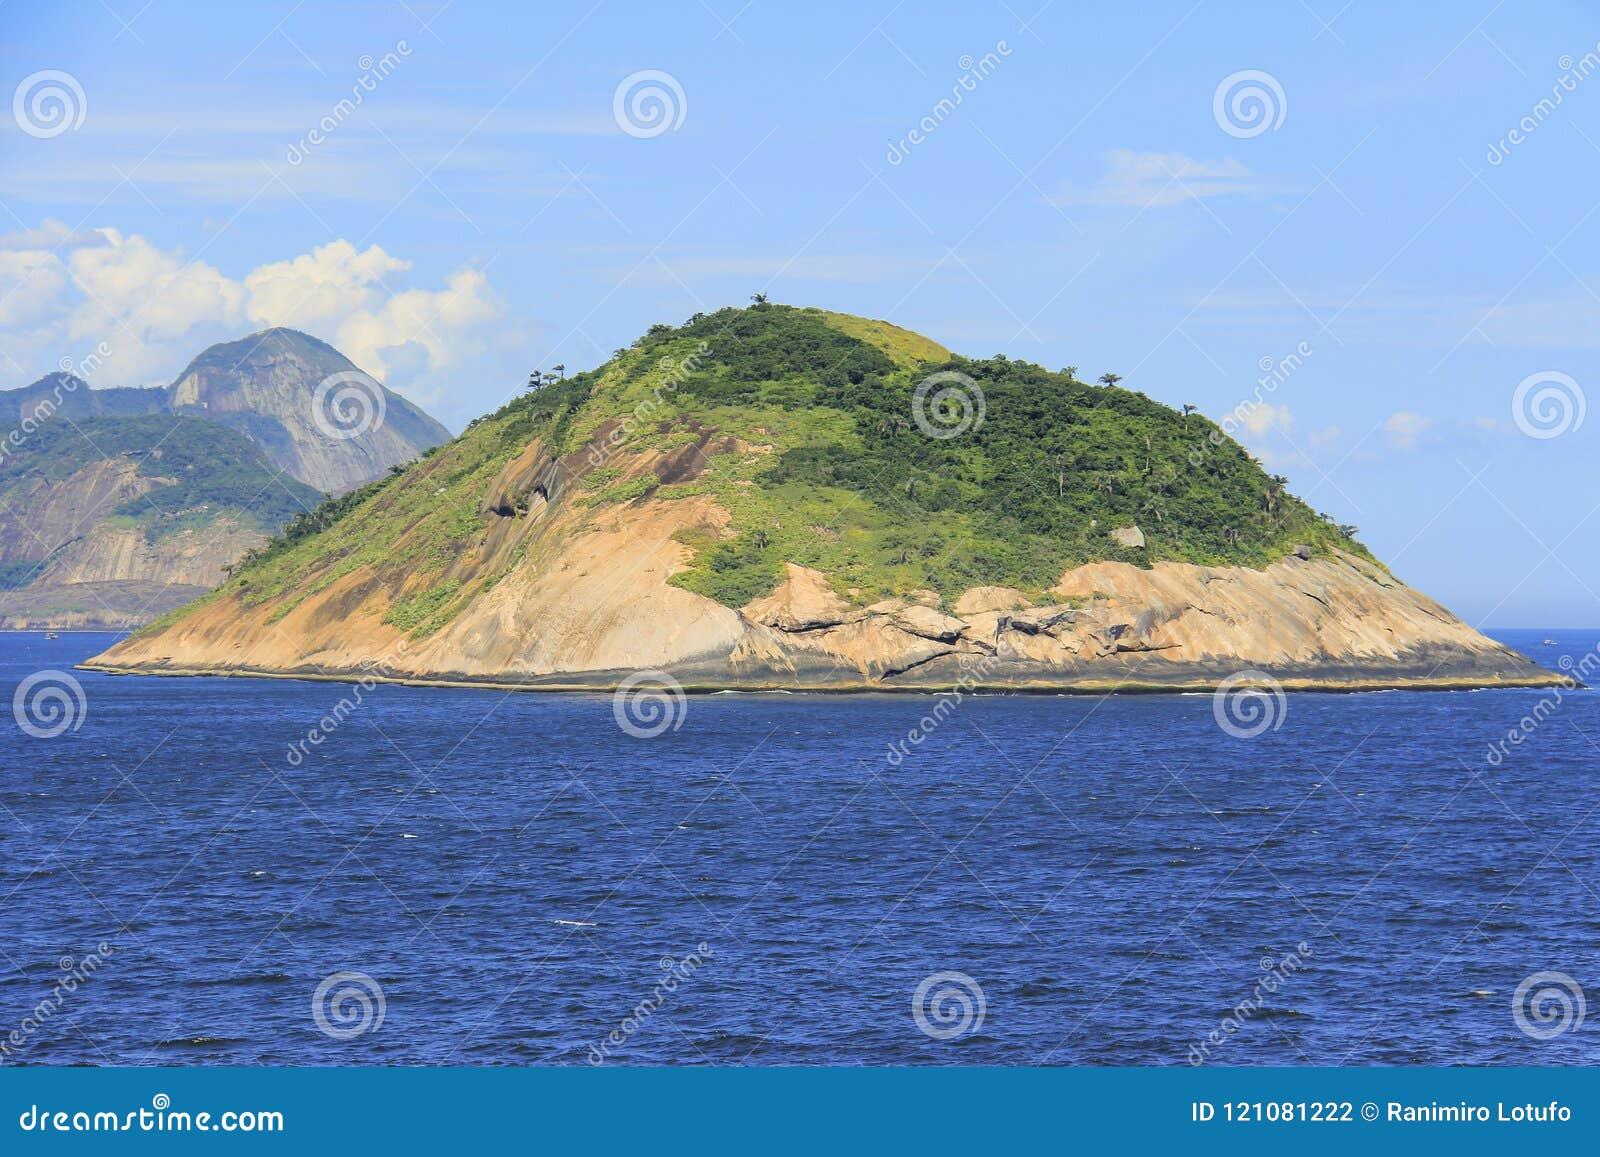 Ilhas em todo o mundo, ilha de Redonda em Rio de janeiro, Brasil